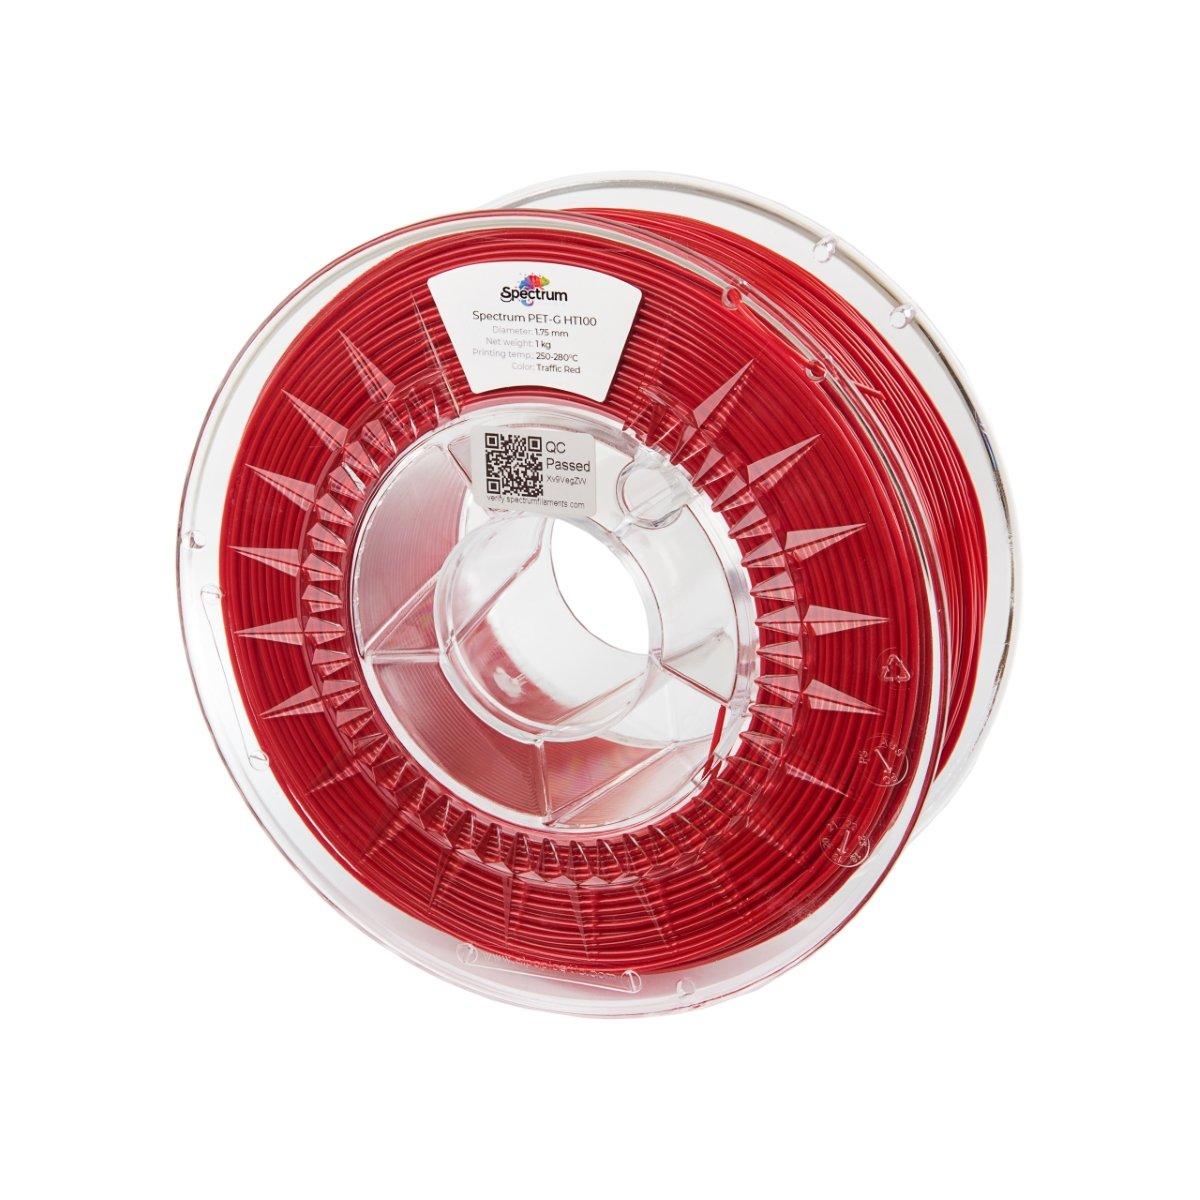 Billede af Spectrum Filaments - PETG HT100 - 1.75mm - Traffic Red - 1 kg